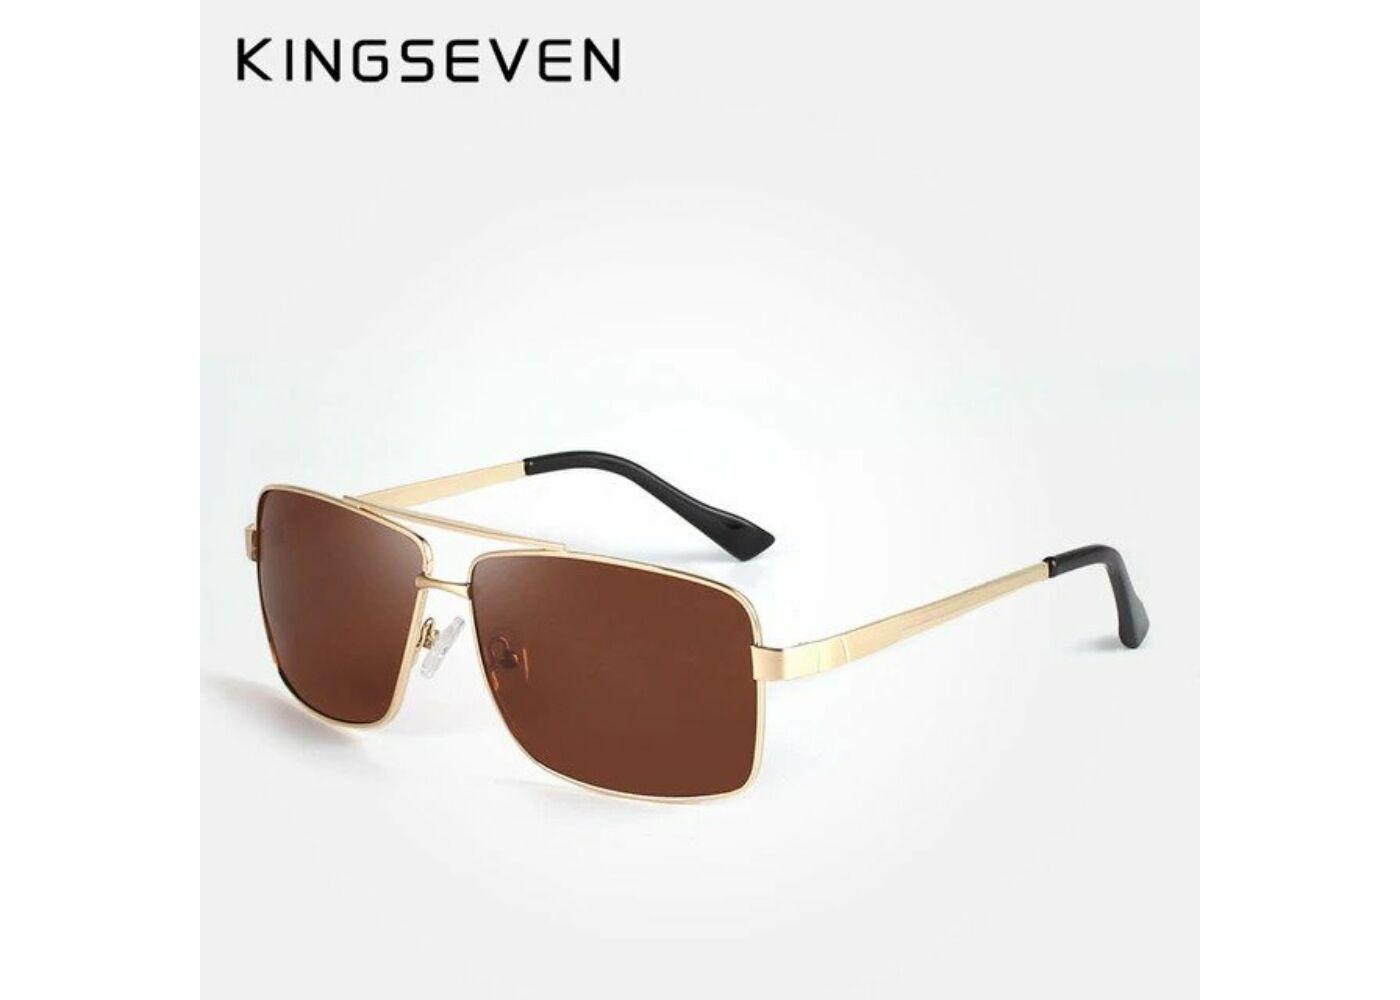 KINGSEVEN polarizált barna lencsés férfi napszemüveg arany színű kerettel  Katt rá a felnagyításhoz d64ead9cd4